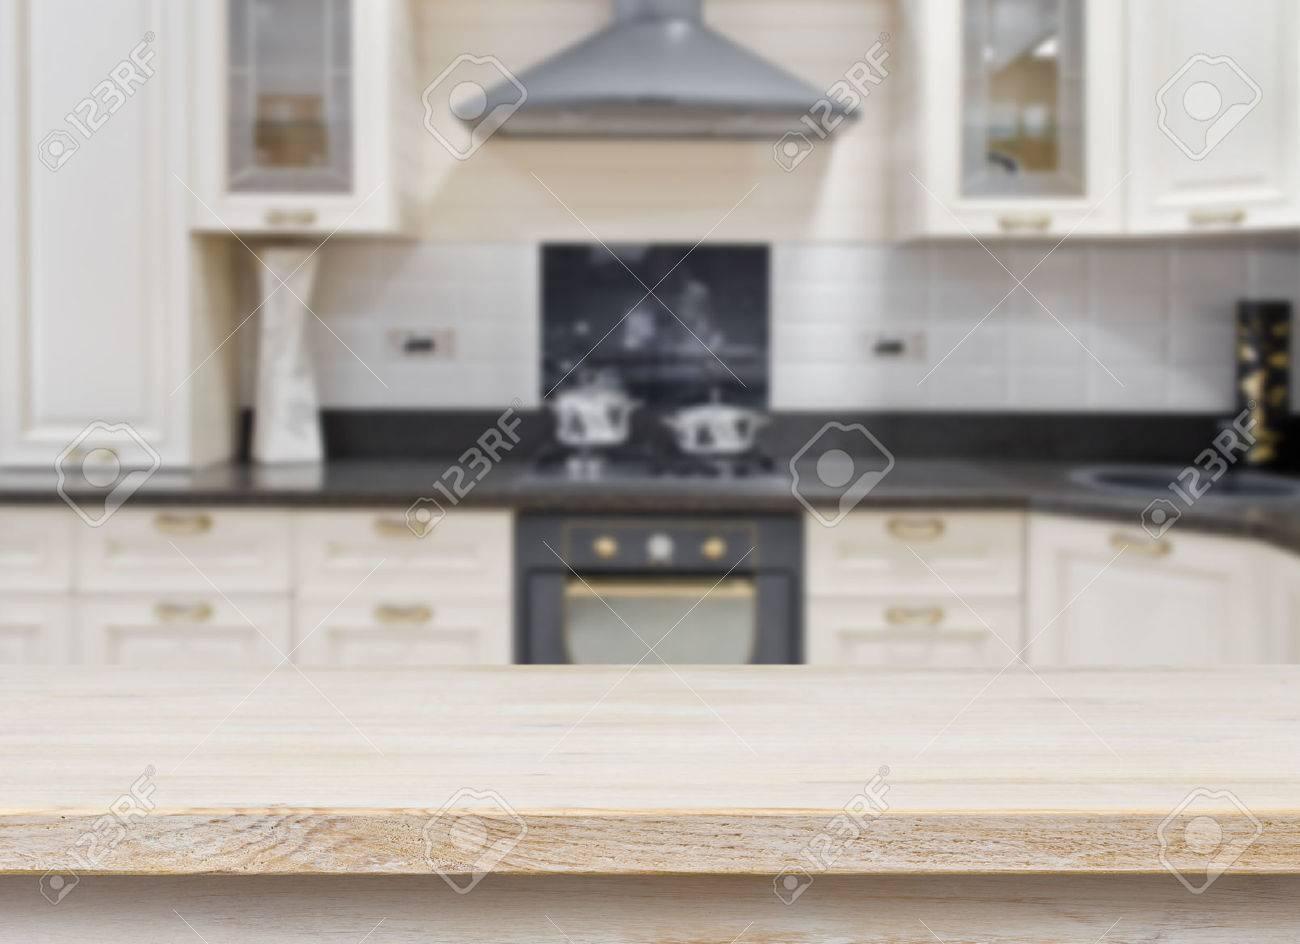 mesa con textura de madera sobre fondo borroso cocina interior de la vendimia foto de archivo